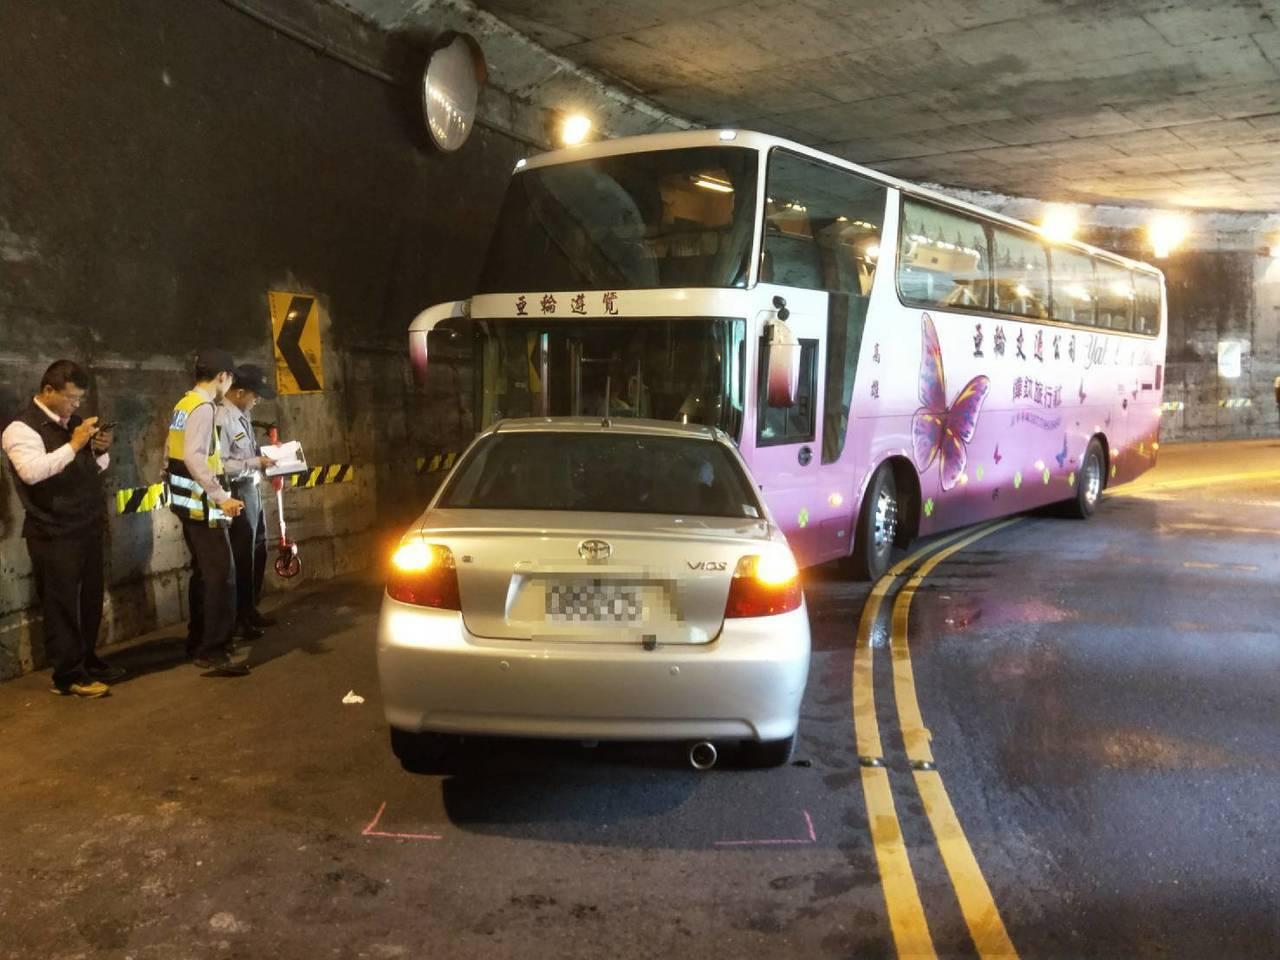 一輛自小客疑越線,撞上阿里山賞花遊覽車。圖/讀者提供